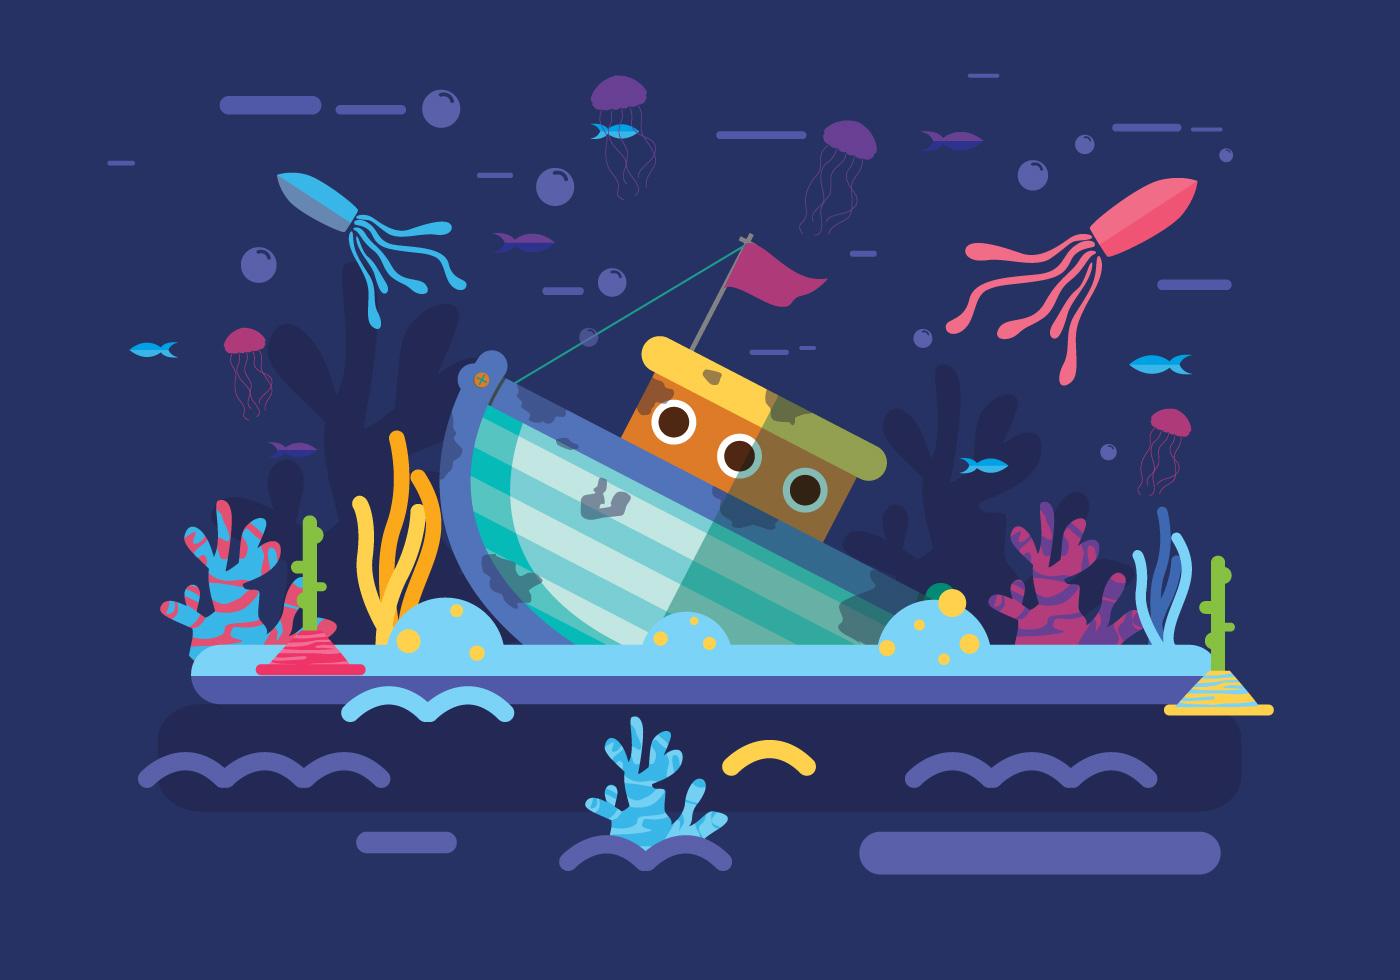 海洋卡通 免費下載   天天瘋後製